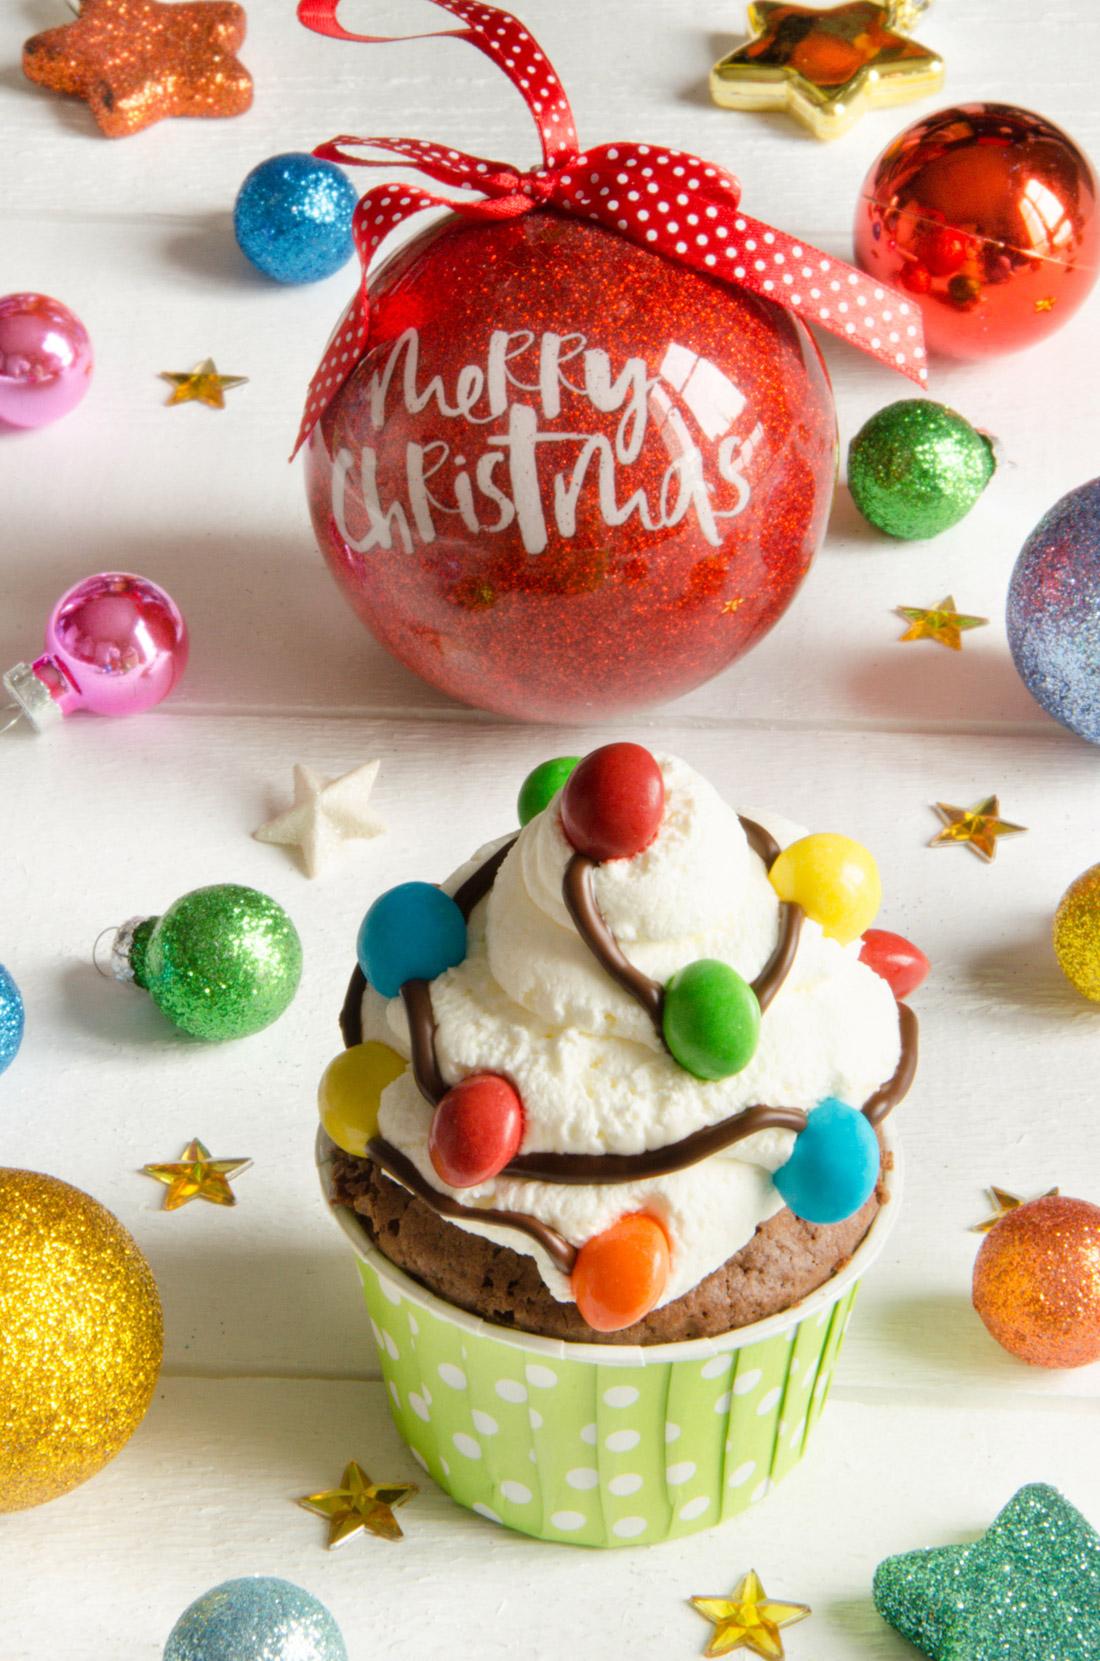 cupcakes guirlandes de Noël au chocolat et à la crème chantilly